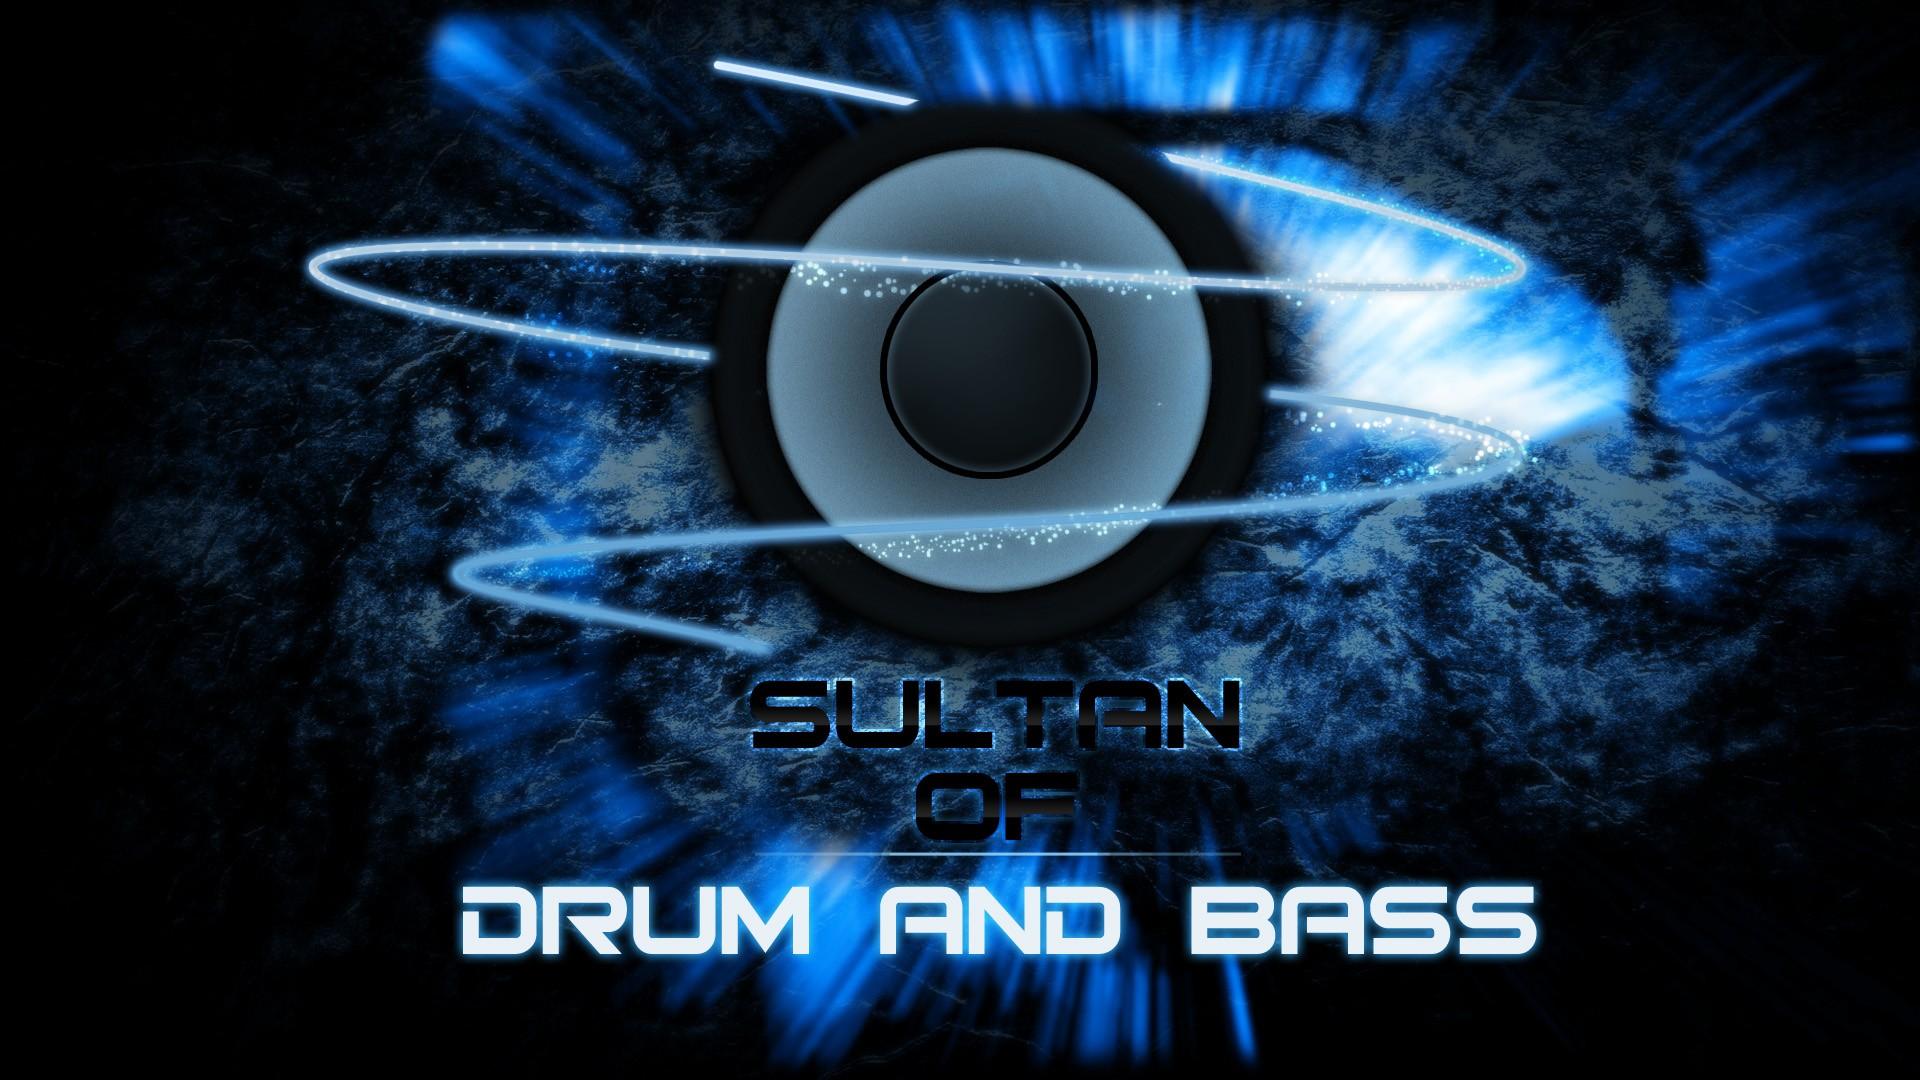 Download Wallpaper Music Bass - space-music-dubstep-DJ-house-music-techno-brand-drum-and-bass-Brian-Dessert-screenshot-computer-wallpaper-font-album-cover-191138  Trends_109843.jpg